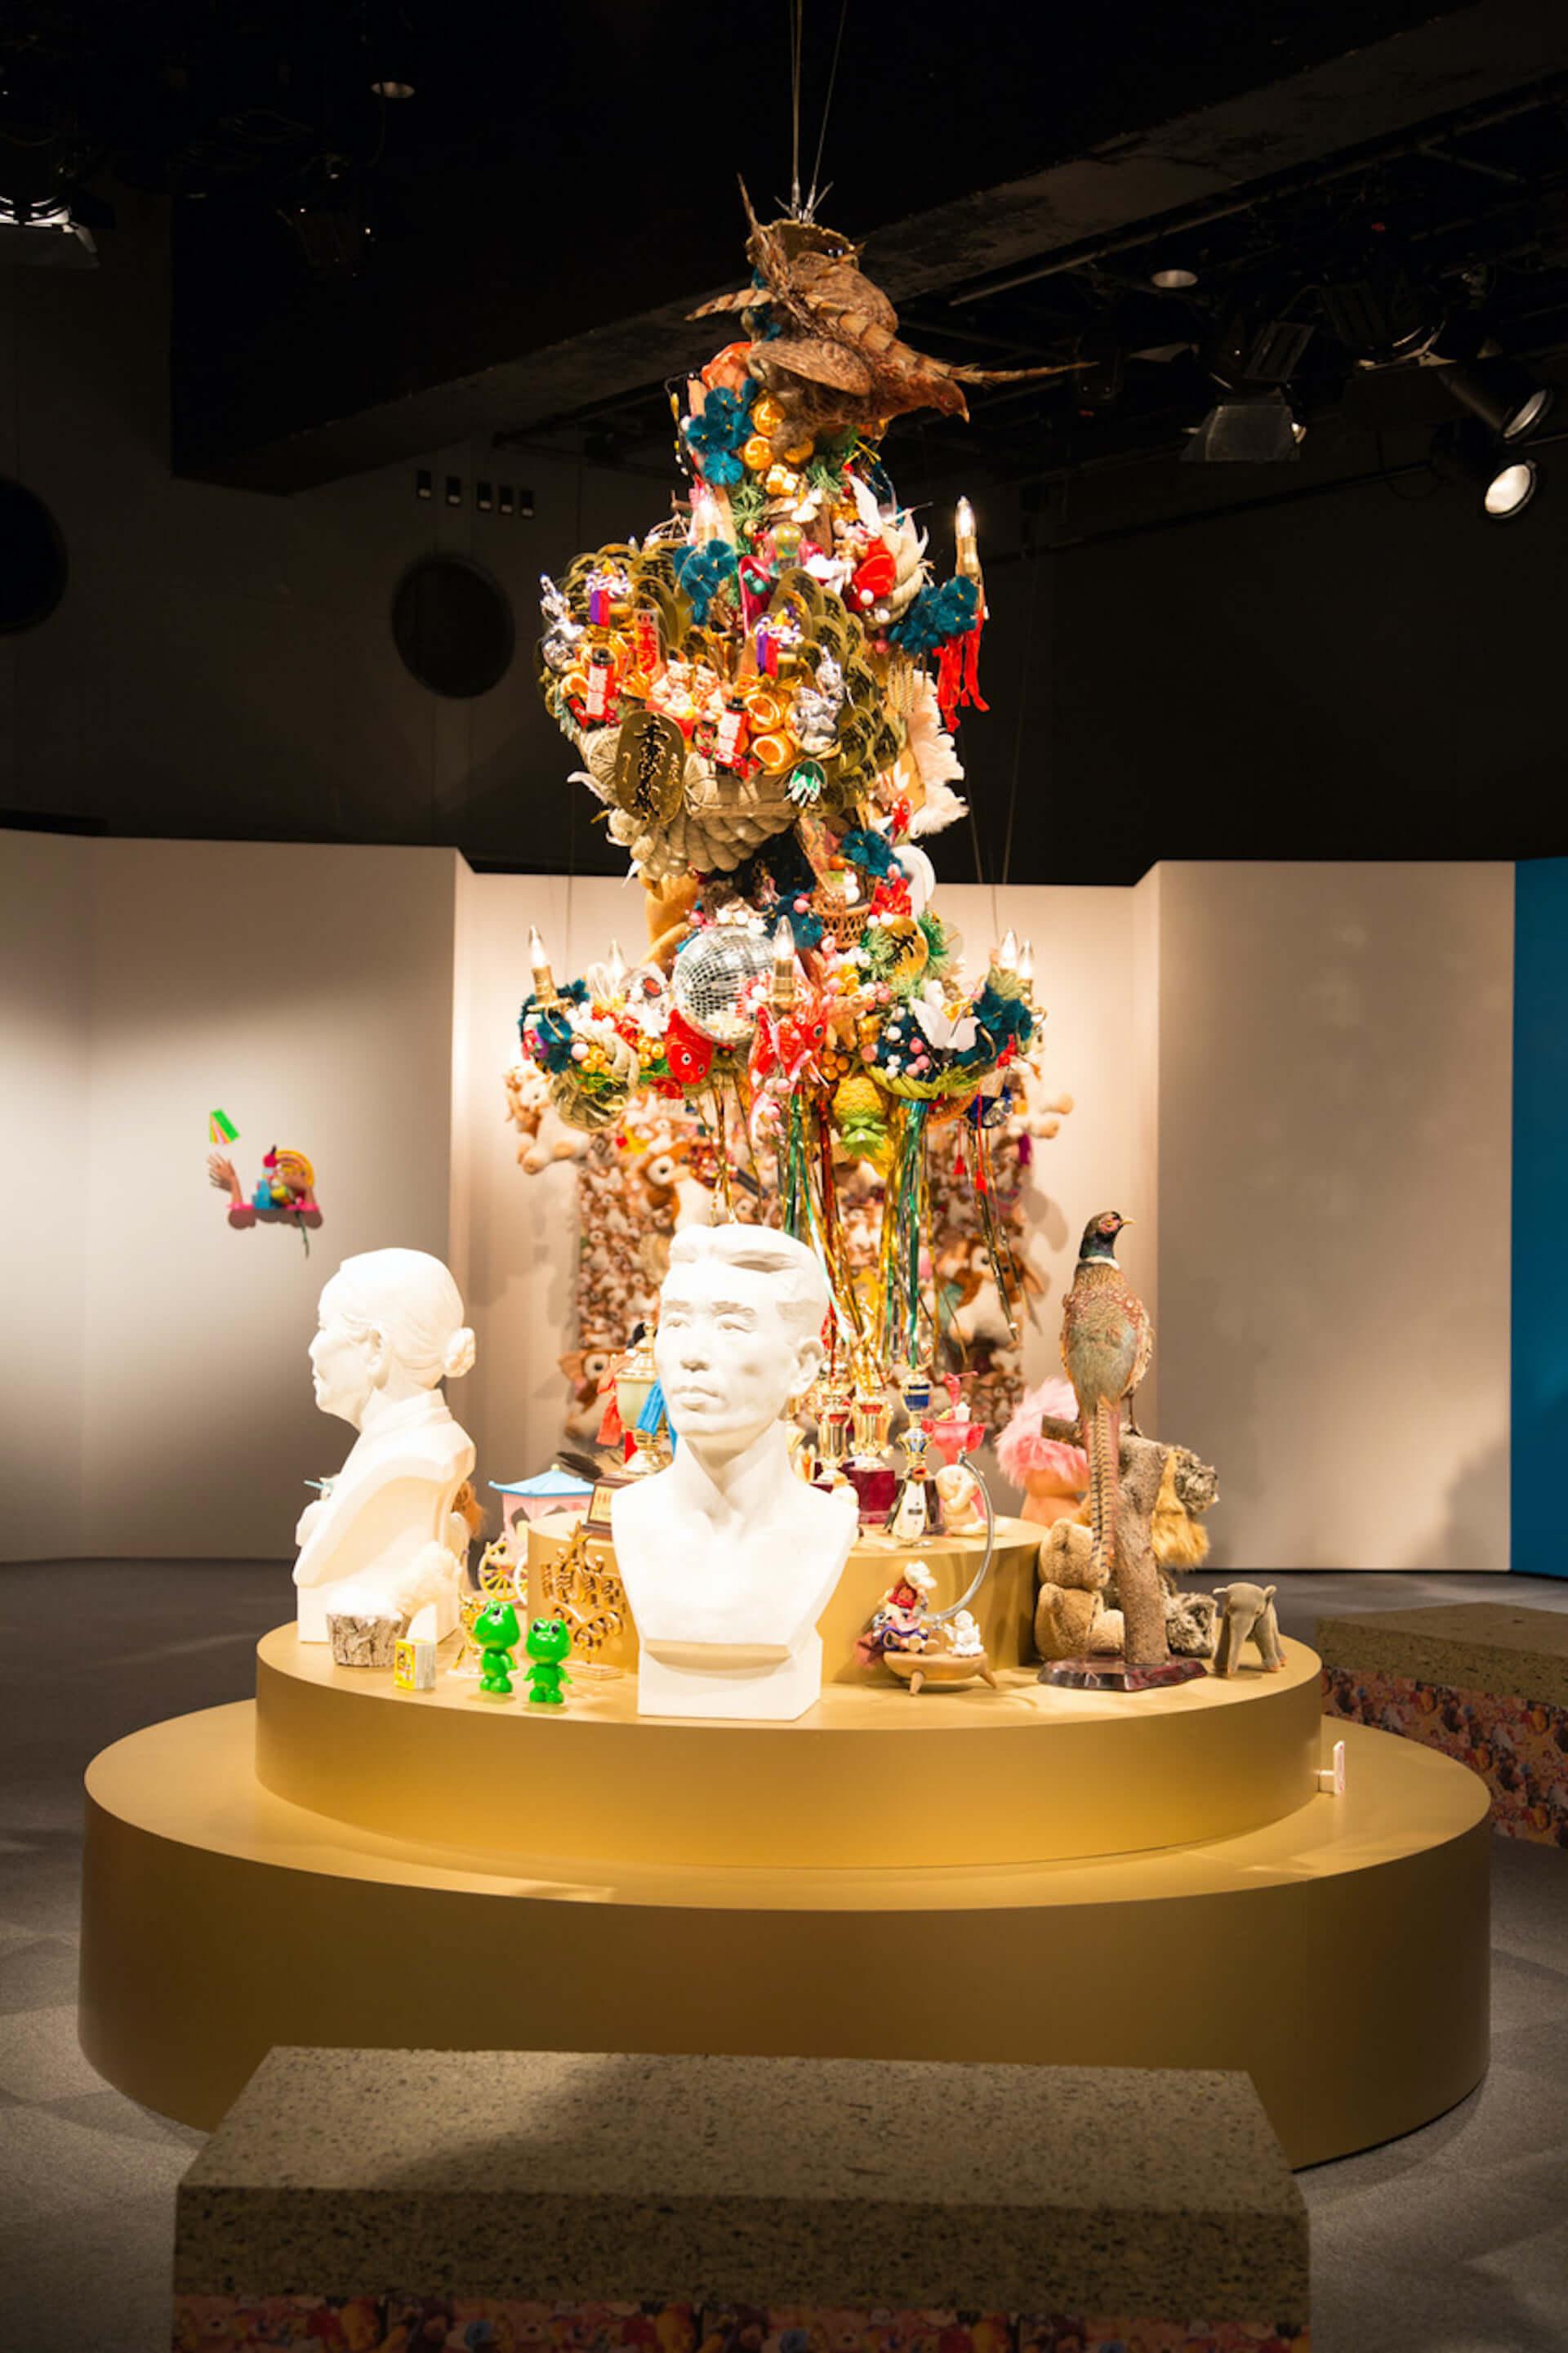 シャンデリアアーティスト、キム・ソンヘの活動15周年記念!渋谷PARCOにて展覧会<天国 − HEAVEN>が開催決定&公開制作も実施 art210118_kimsonghe_2-1920x2881